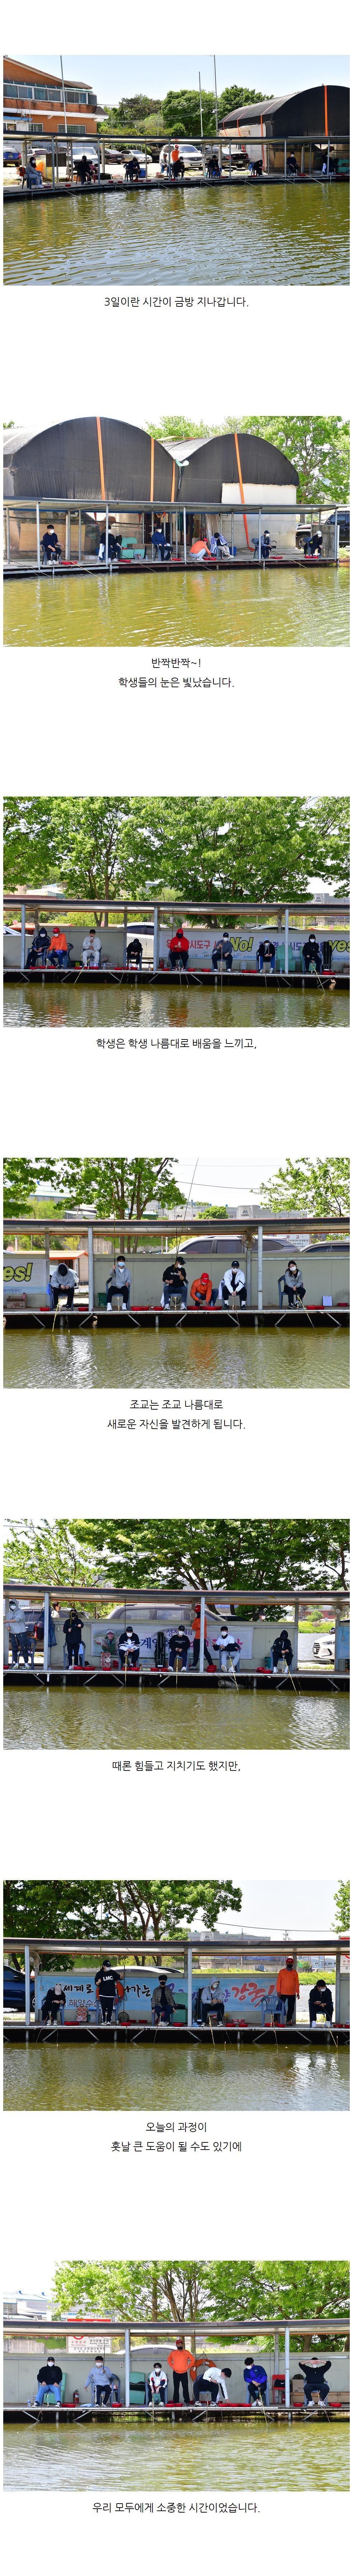 군계일학 성제현대표 경기대 낚시학 강의 - 07.jpg